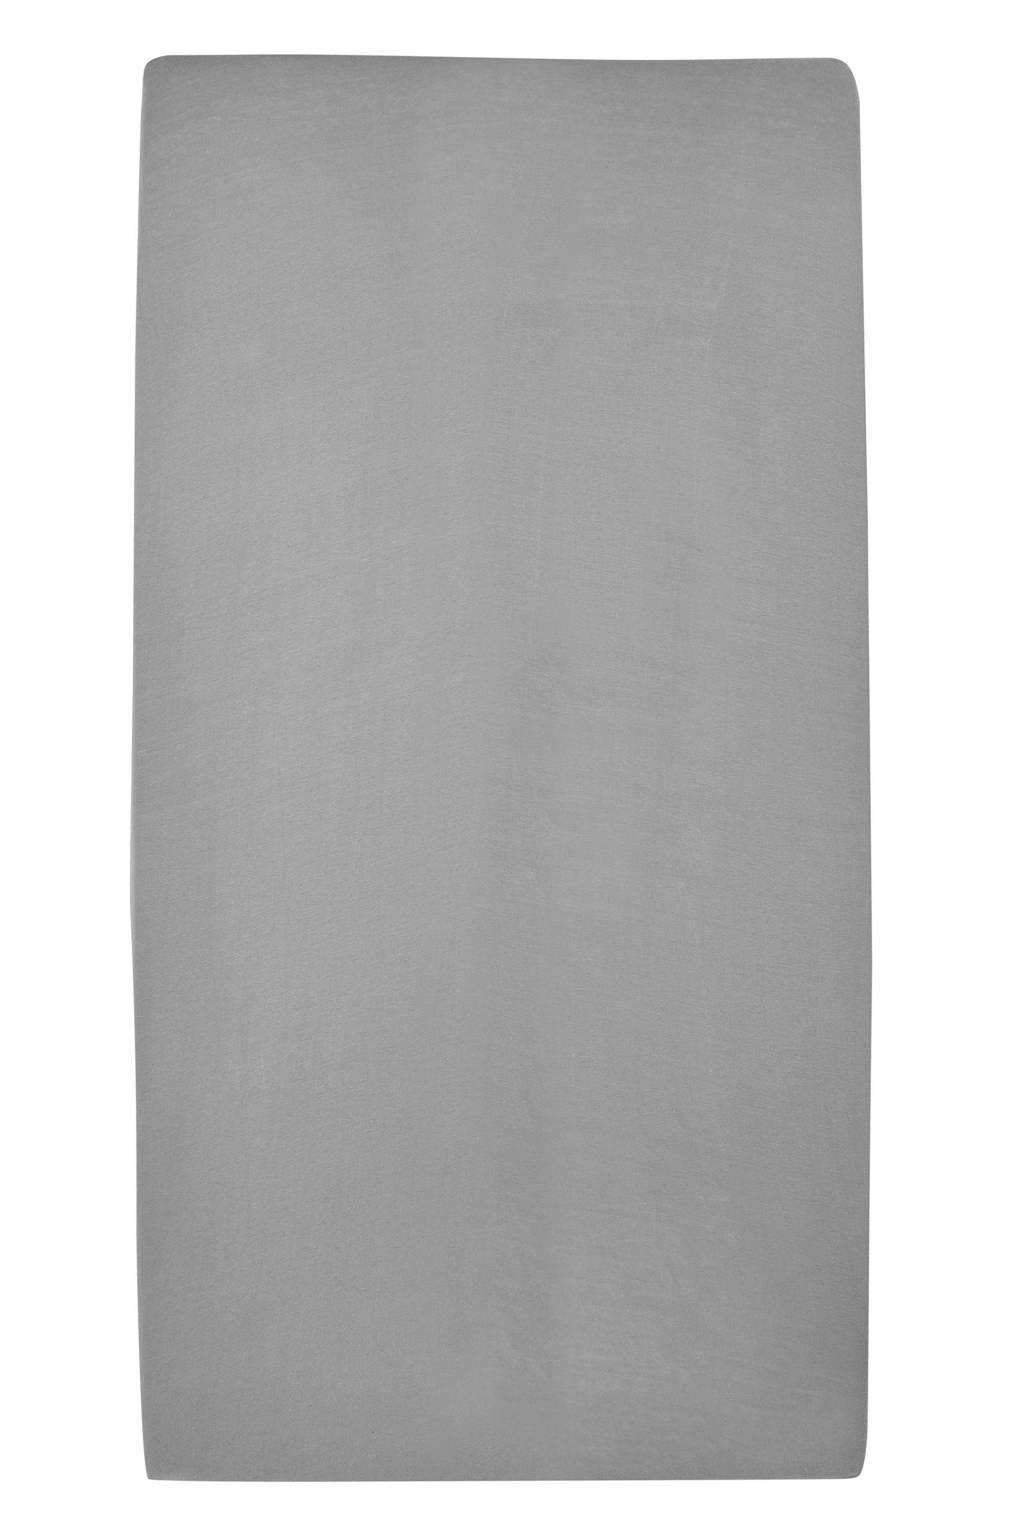 Meyco jersey baby hoeslaken wieg 40x80/90 cm, Grijs